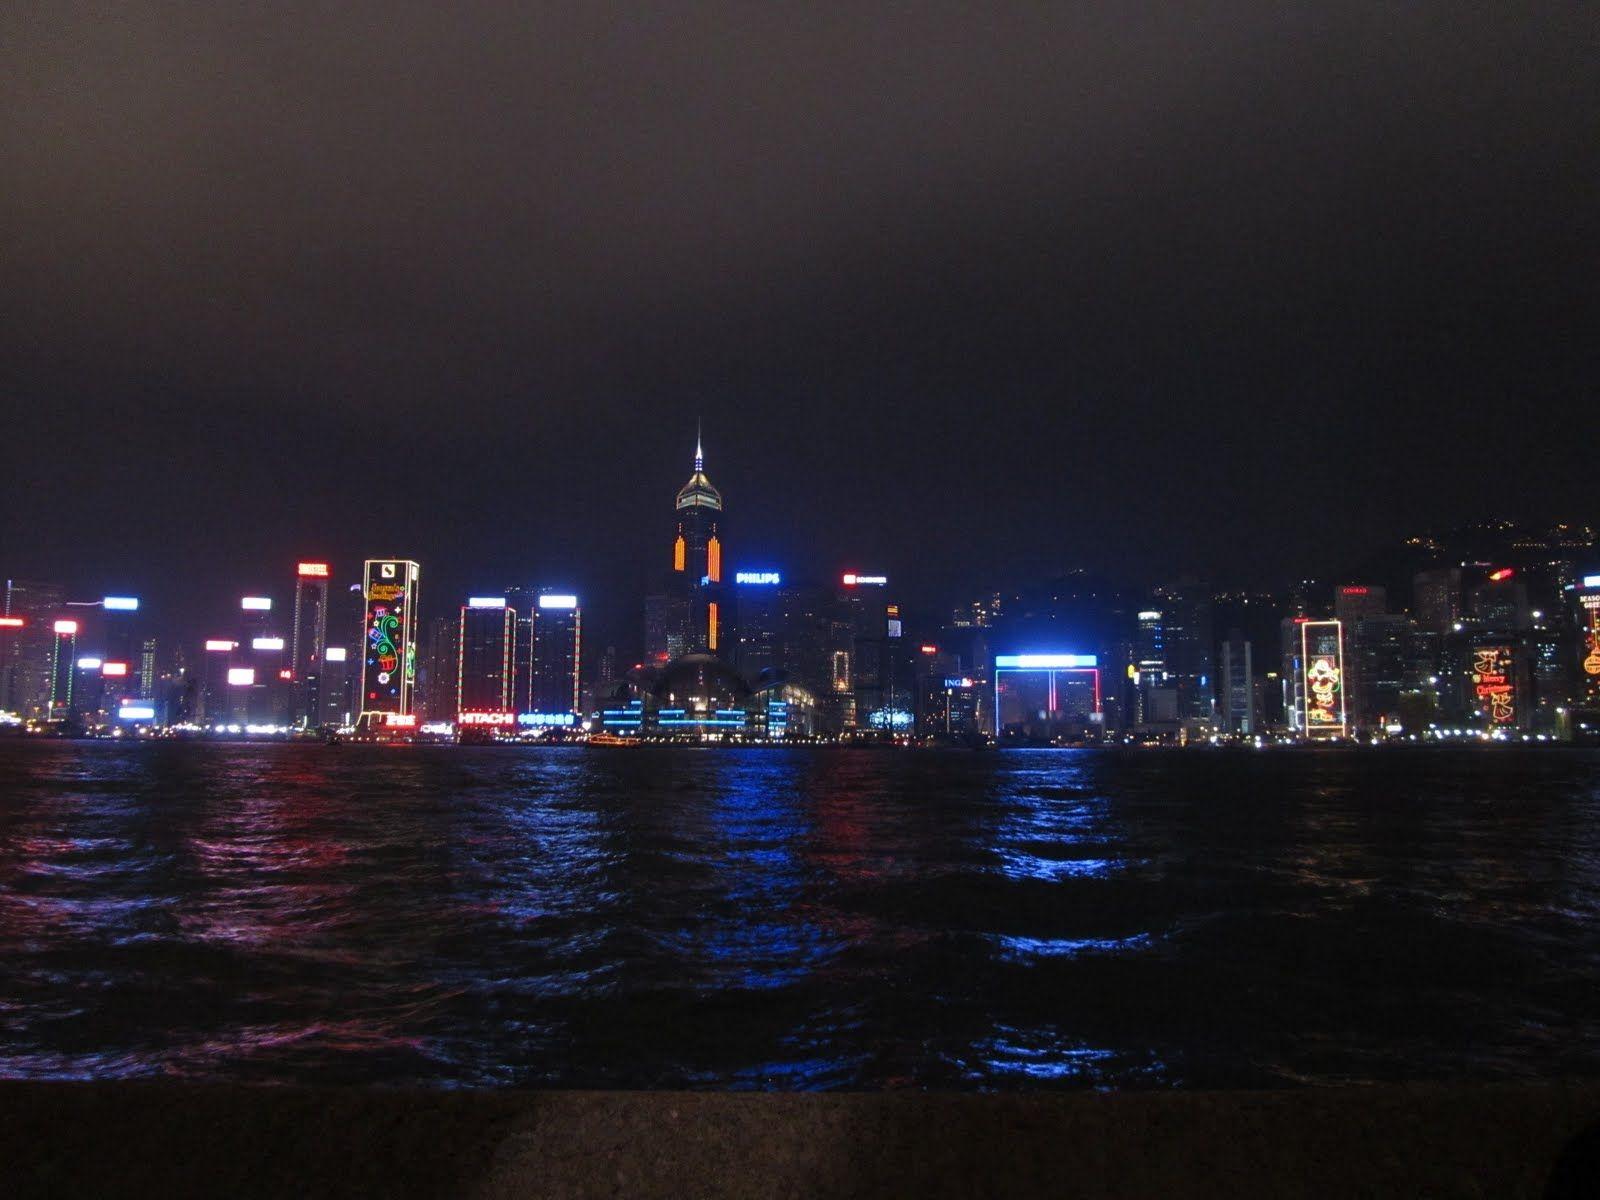 una veduta notturna dei grattacieli di Hong Kong illuminati suggestivamente da luci led colorate